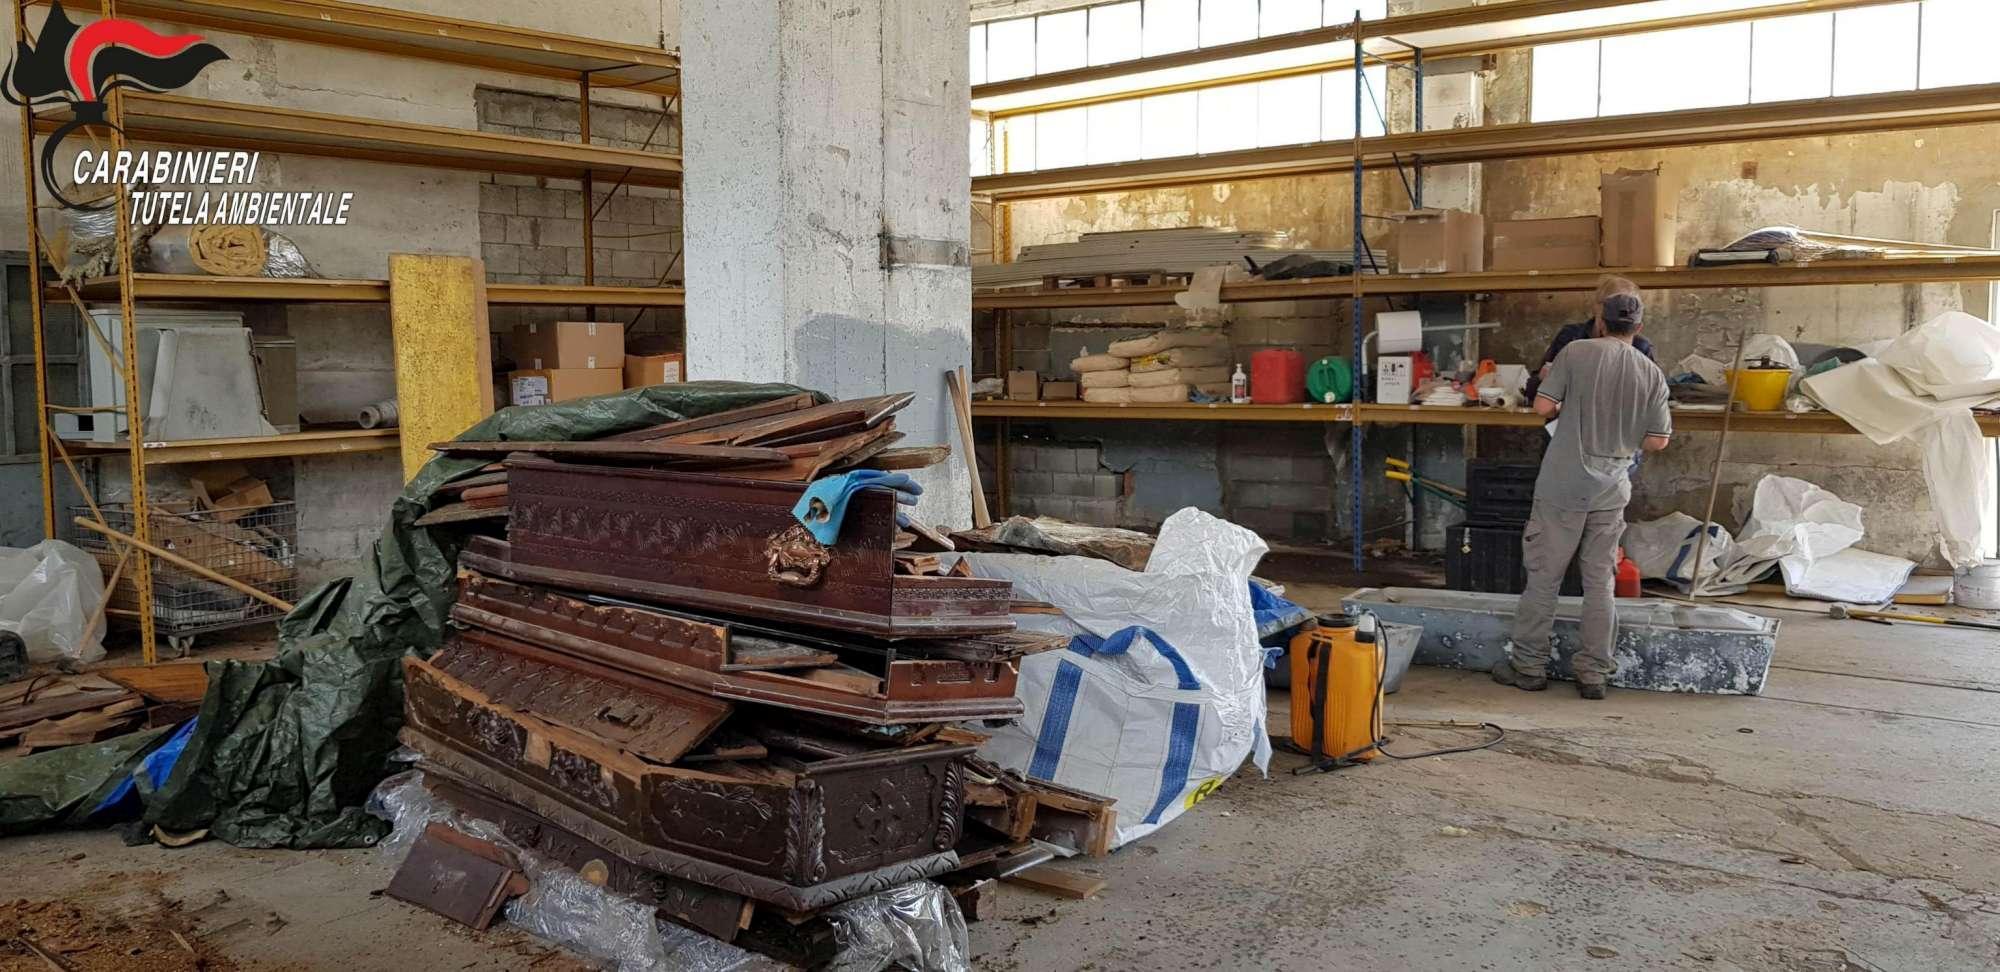 Finte cremazioni, bare e resti umani trovati in un capannone in Trentino